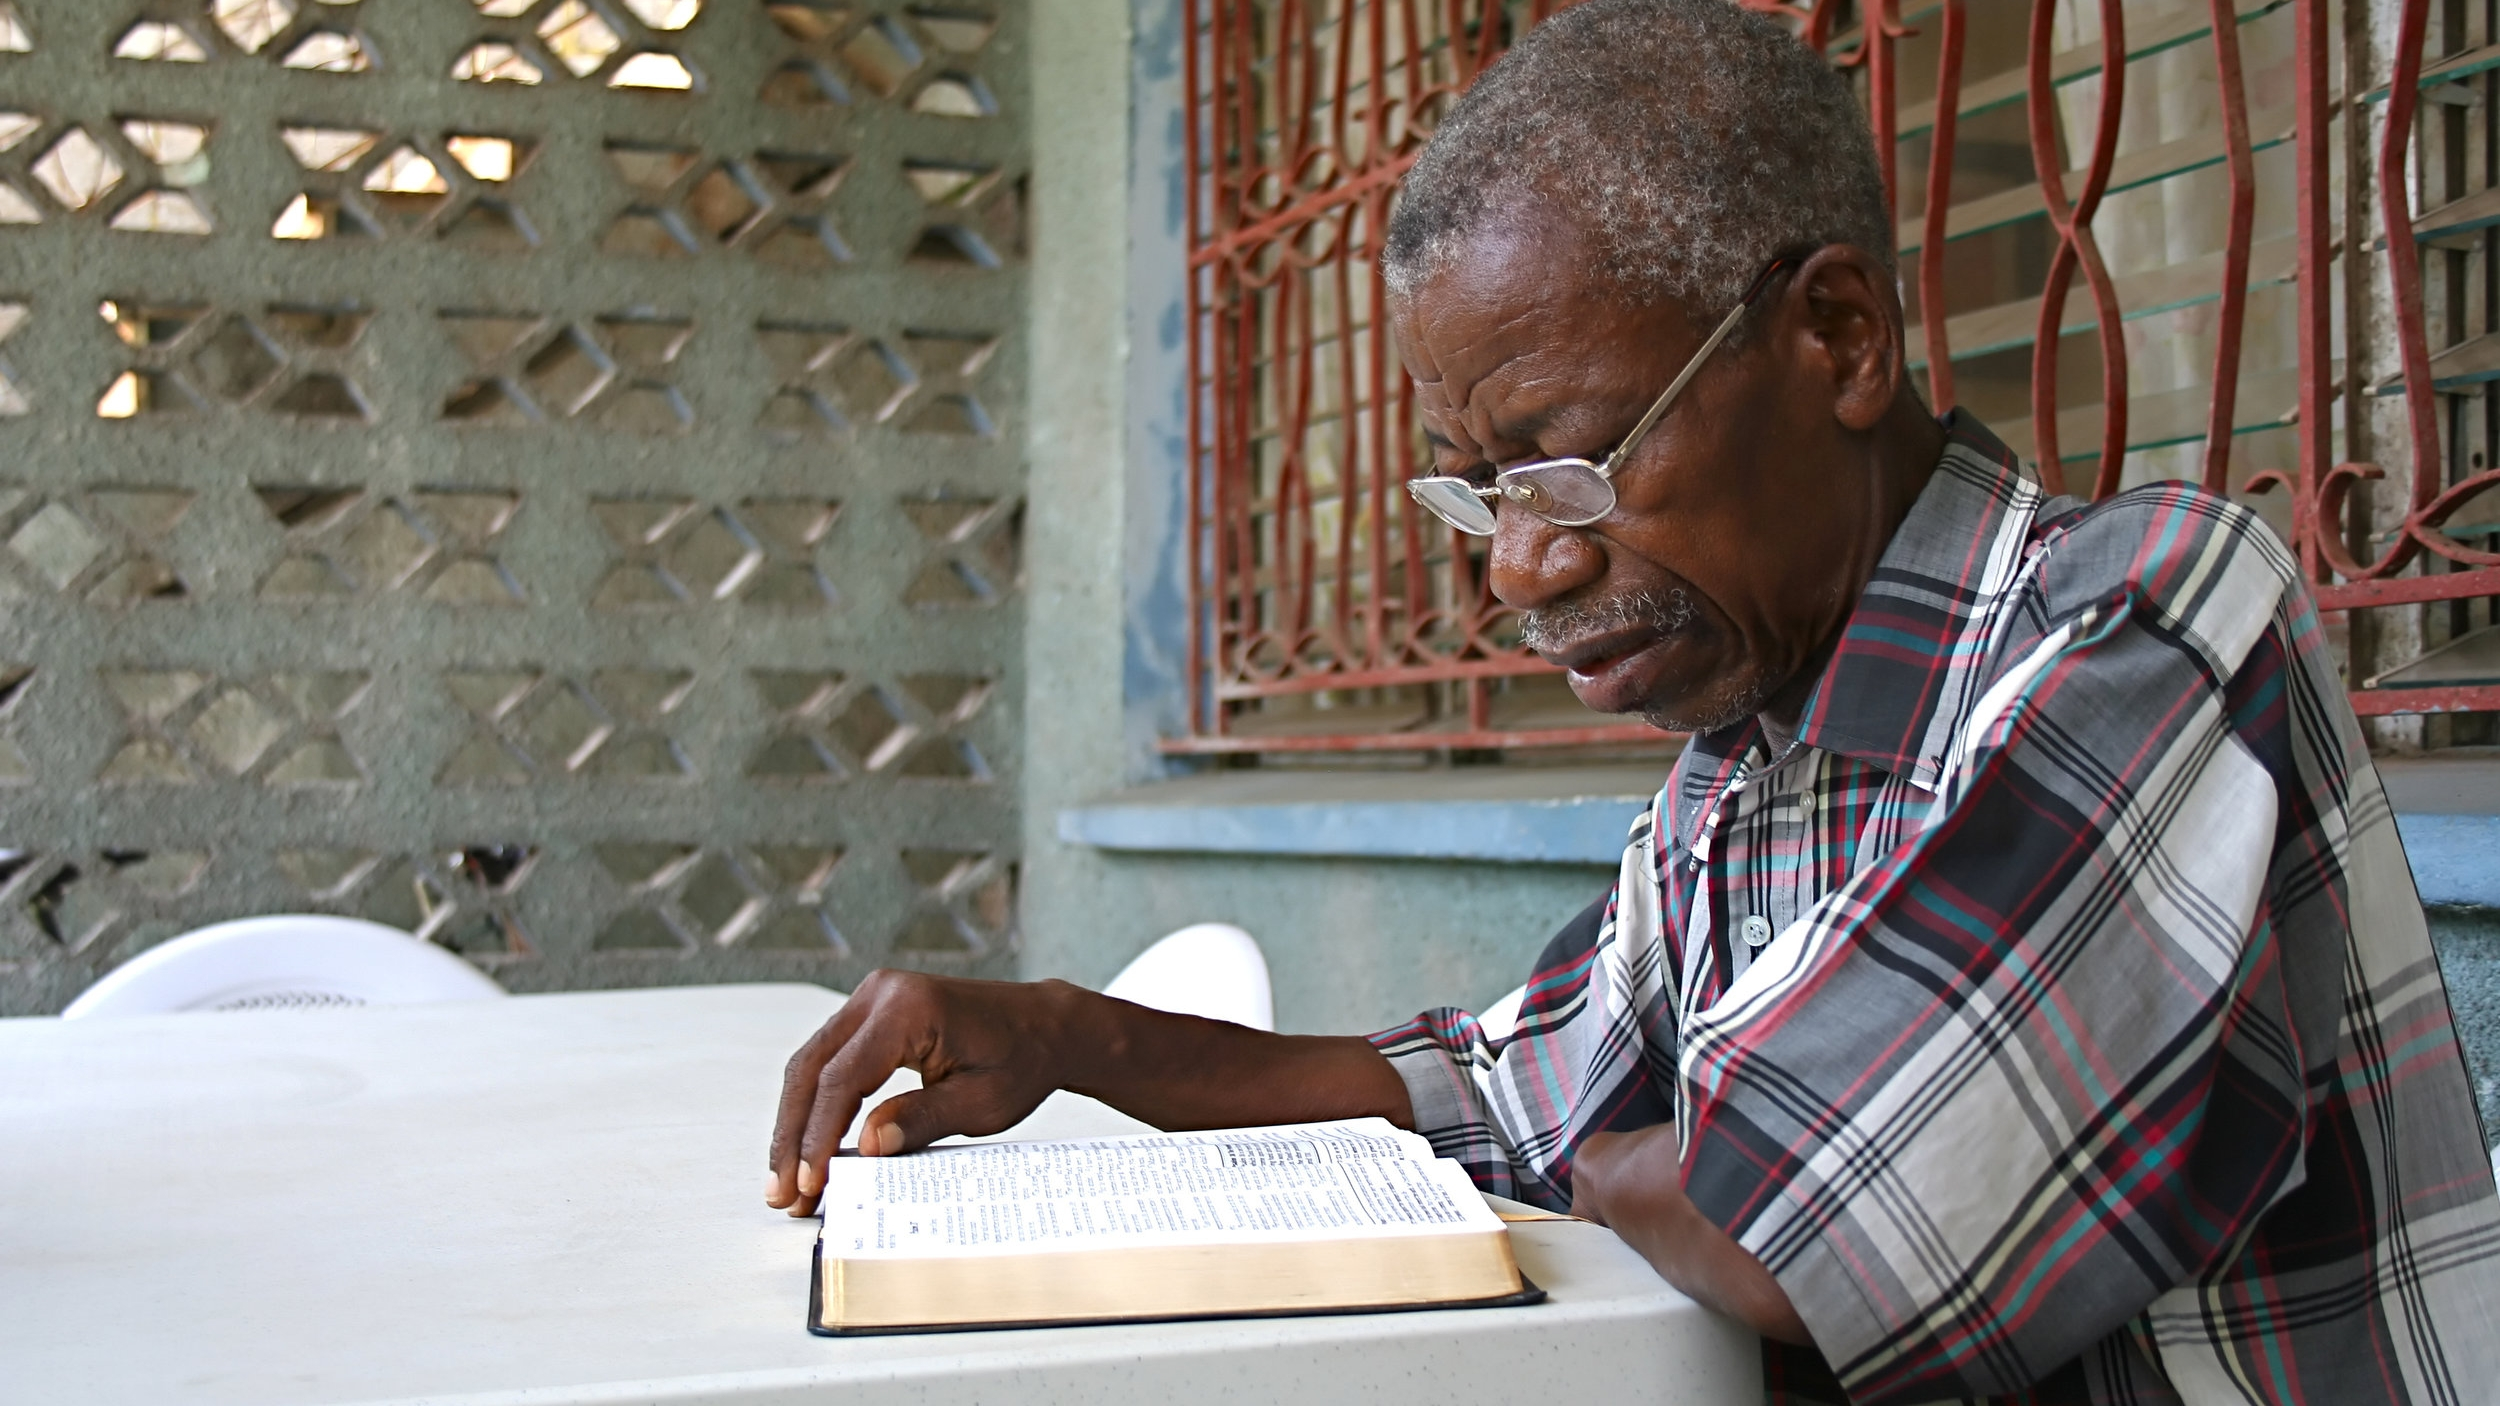 An-African-elderly-gentleman-reading-a-Bible-182389796_3456x2304.jpeg